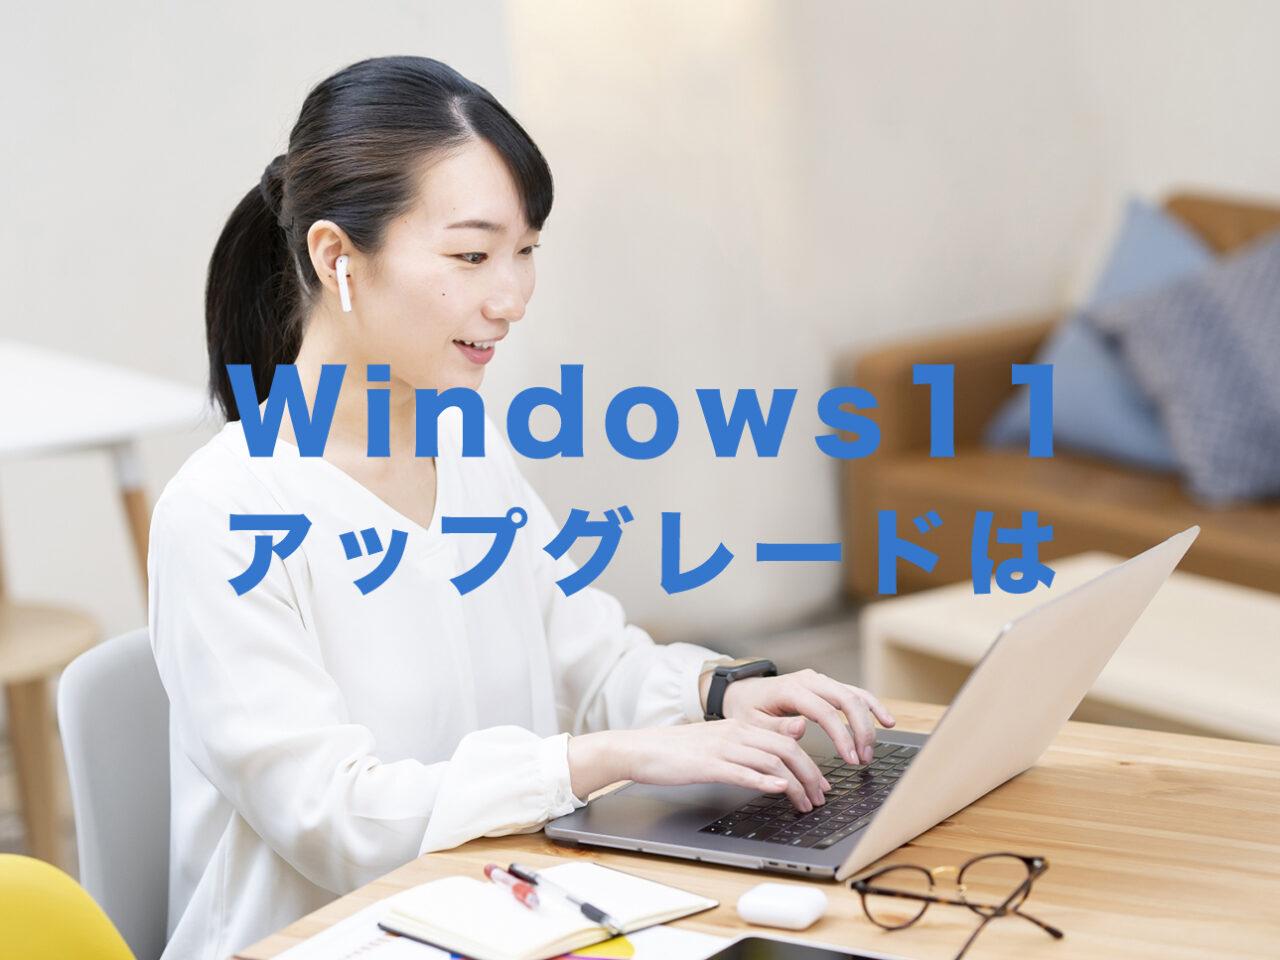 Windows11にアップグレードできない場合の対処法は?どうすれば良い?のサムネイル画像